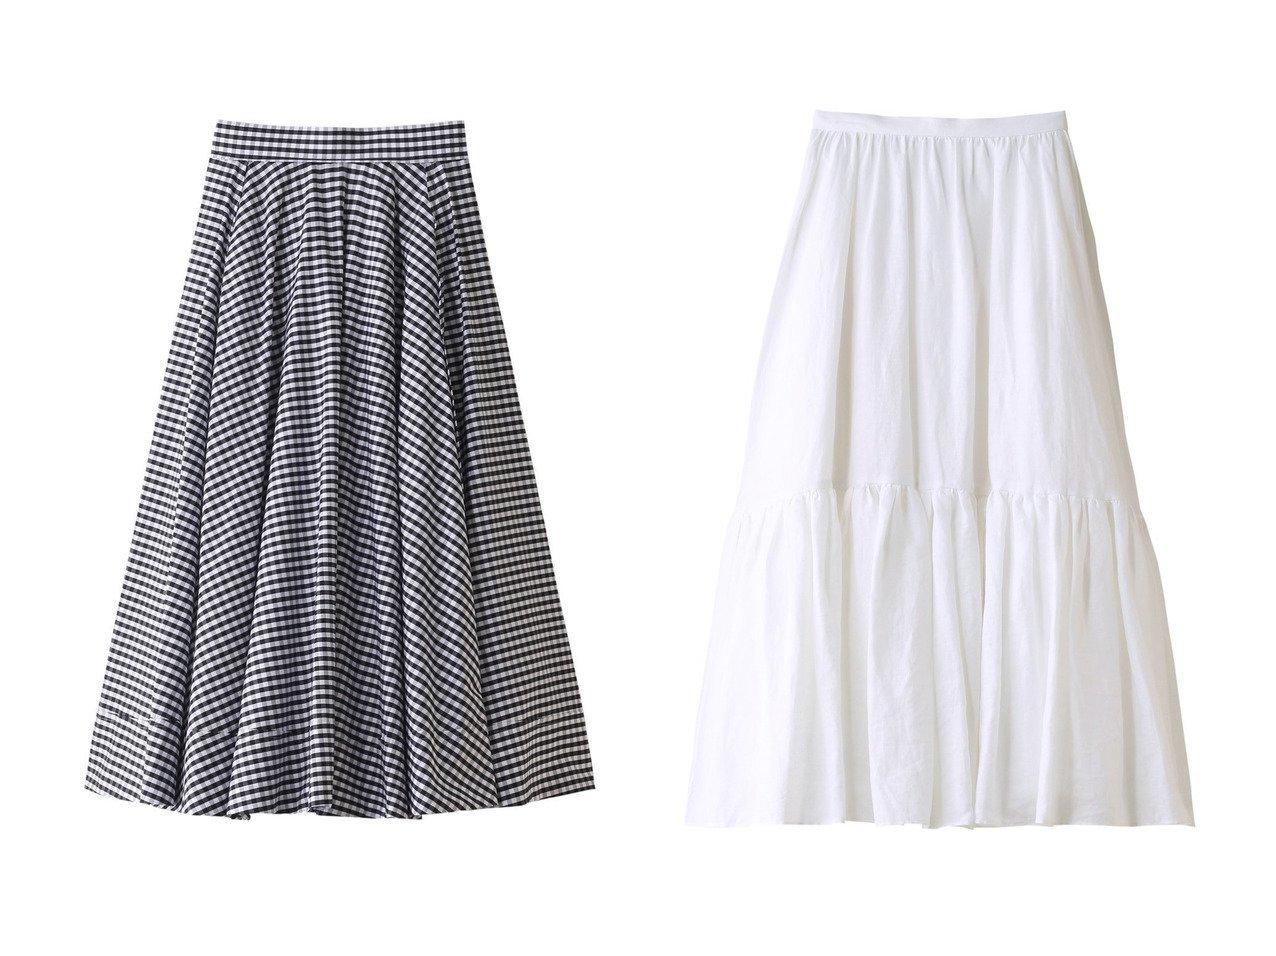 【MADISONBLUE/マディソンブルー】のリネンヘムギャザースカート&ギンガムチェックタックサーキュラースカート MADISONBLUEのおすすめ!人気、トレンド・レディースファッションの通販 おすすめで人気の流行・トレンド、ファッションの通販商品 メンズファッション・キッズファッション・インテリア・家具・レディースファッション・服の通販 founy(ファニー) https://founy.com/ ファッション Fashion レディースファッション WOMEN スカート Skirt ロングスカート Long Skirt 2021年 2021 2021 春夏 S/S SS Spring/Summer 2021 S/S 春夏 SS Spring/Summer ギャザー タイプライター フレア リネン ヴィンテージ 春 Spring |ID:crp329100000016897